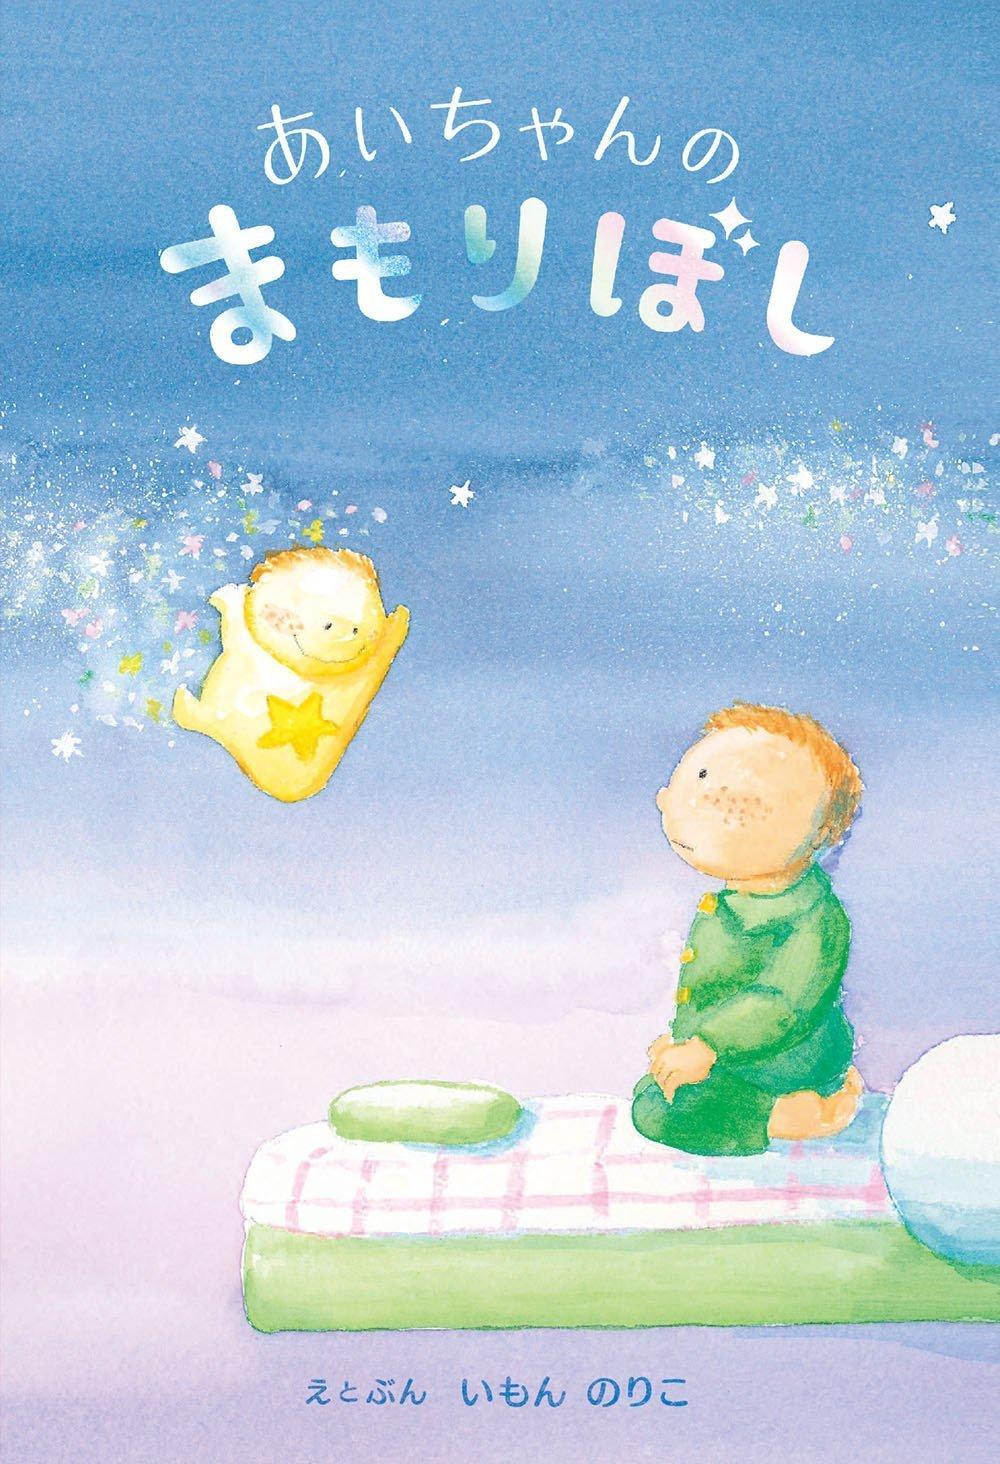 絵本「あいちゃんの まもりぼし」の表紙